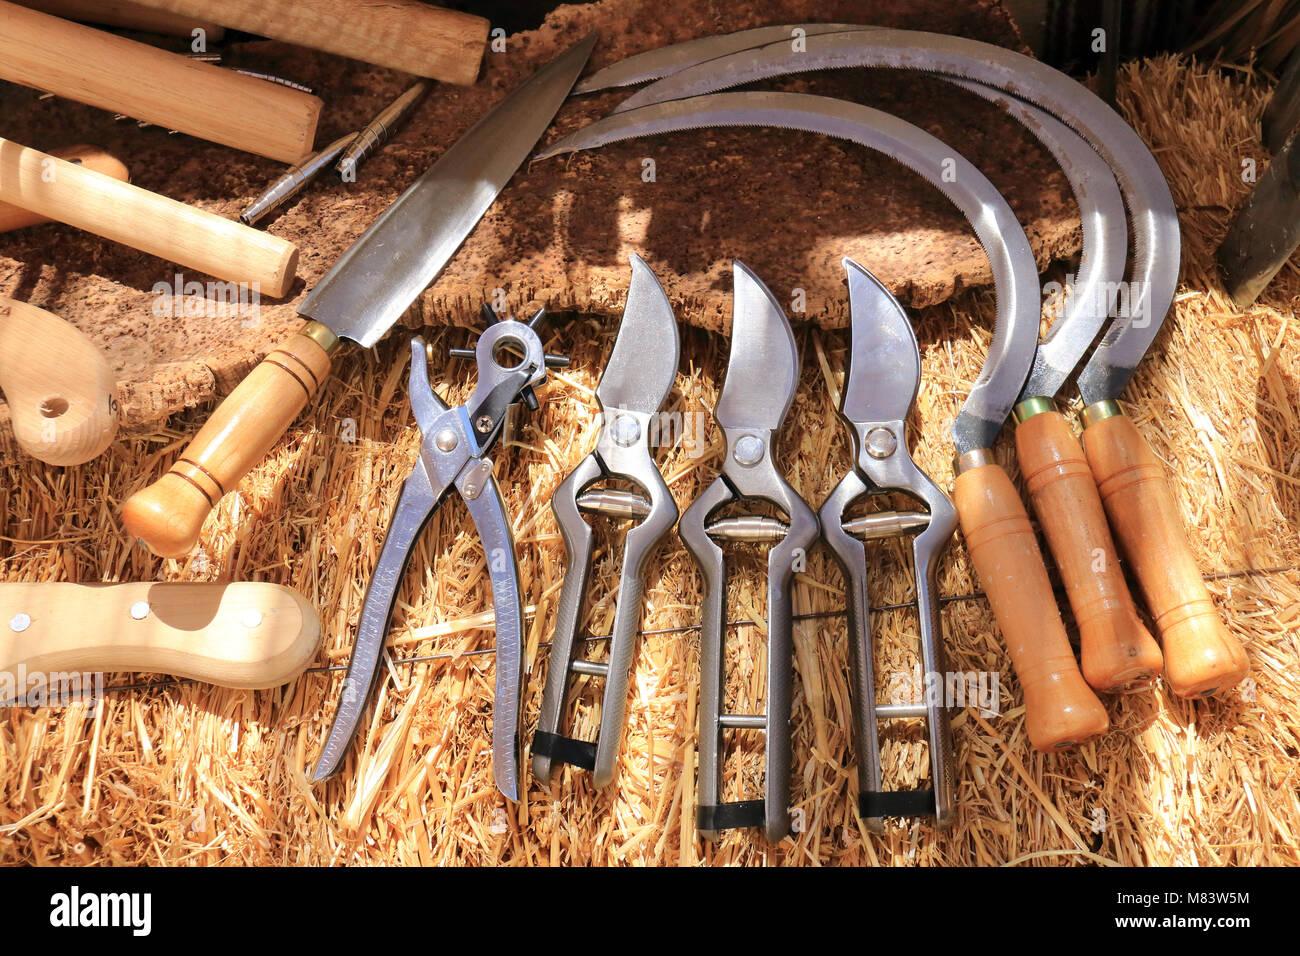 Herramientas agrícolas expuestos sobre un fardo de heno Foto de stock